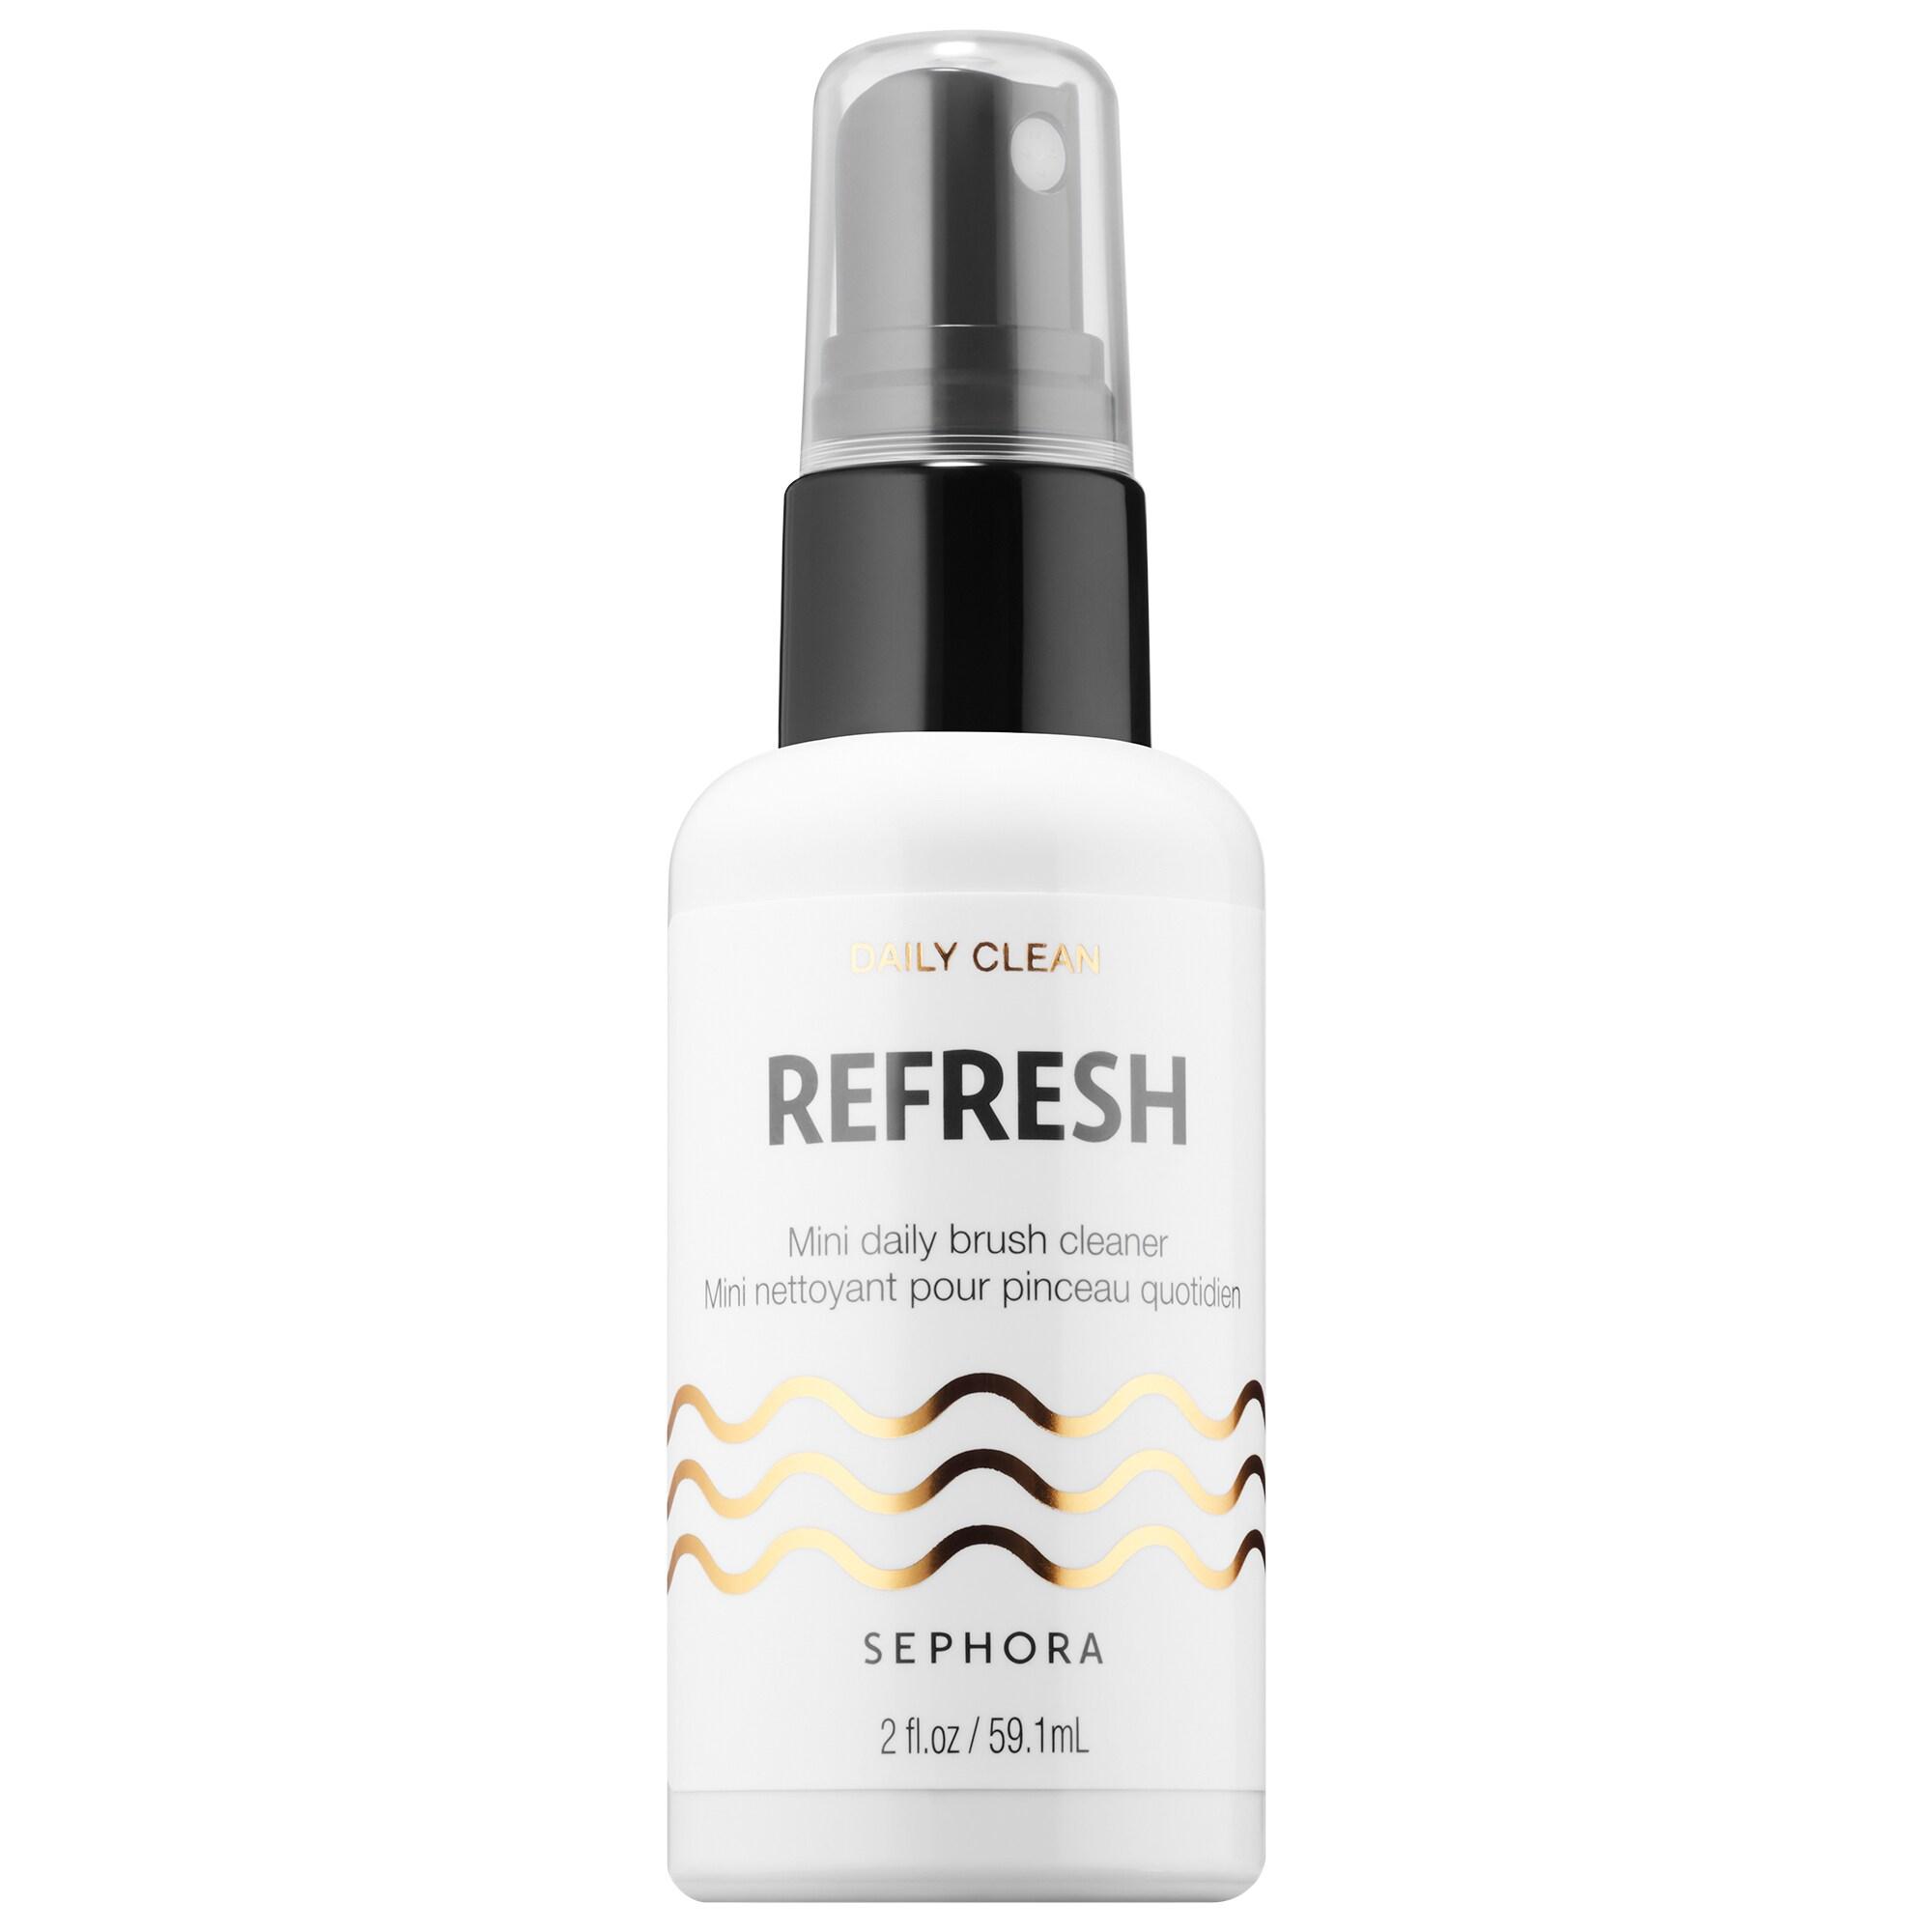 Sephora - Daily Brush Cleaner